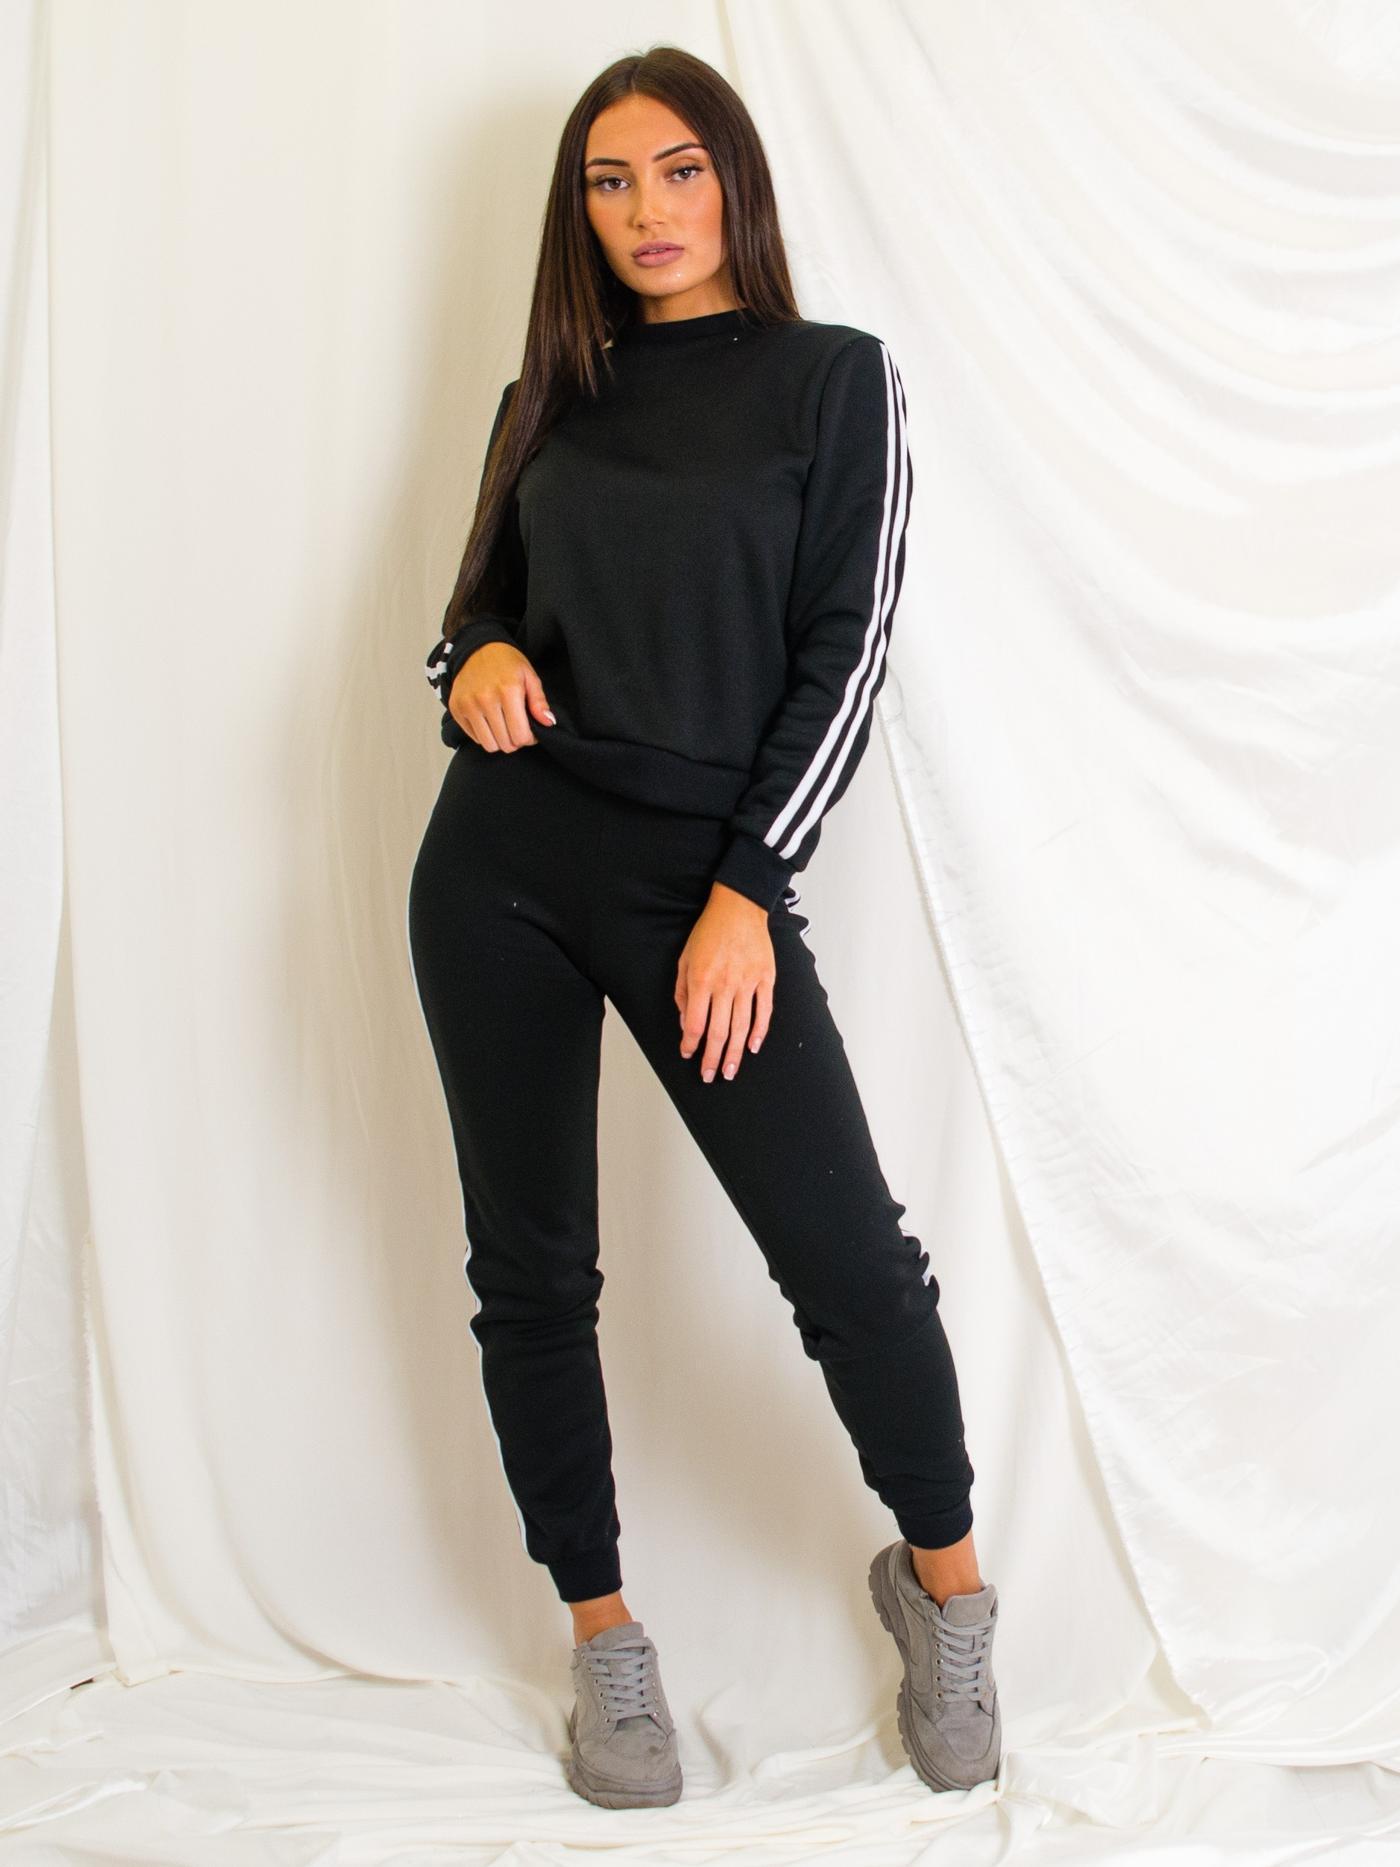 Womens side striped jogger loungewear set